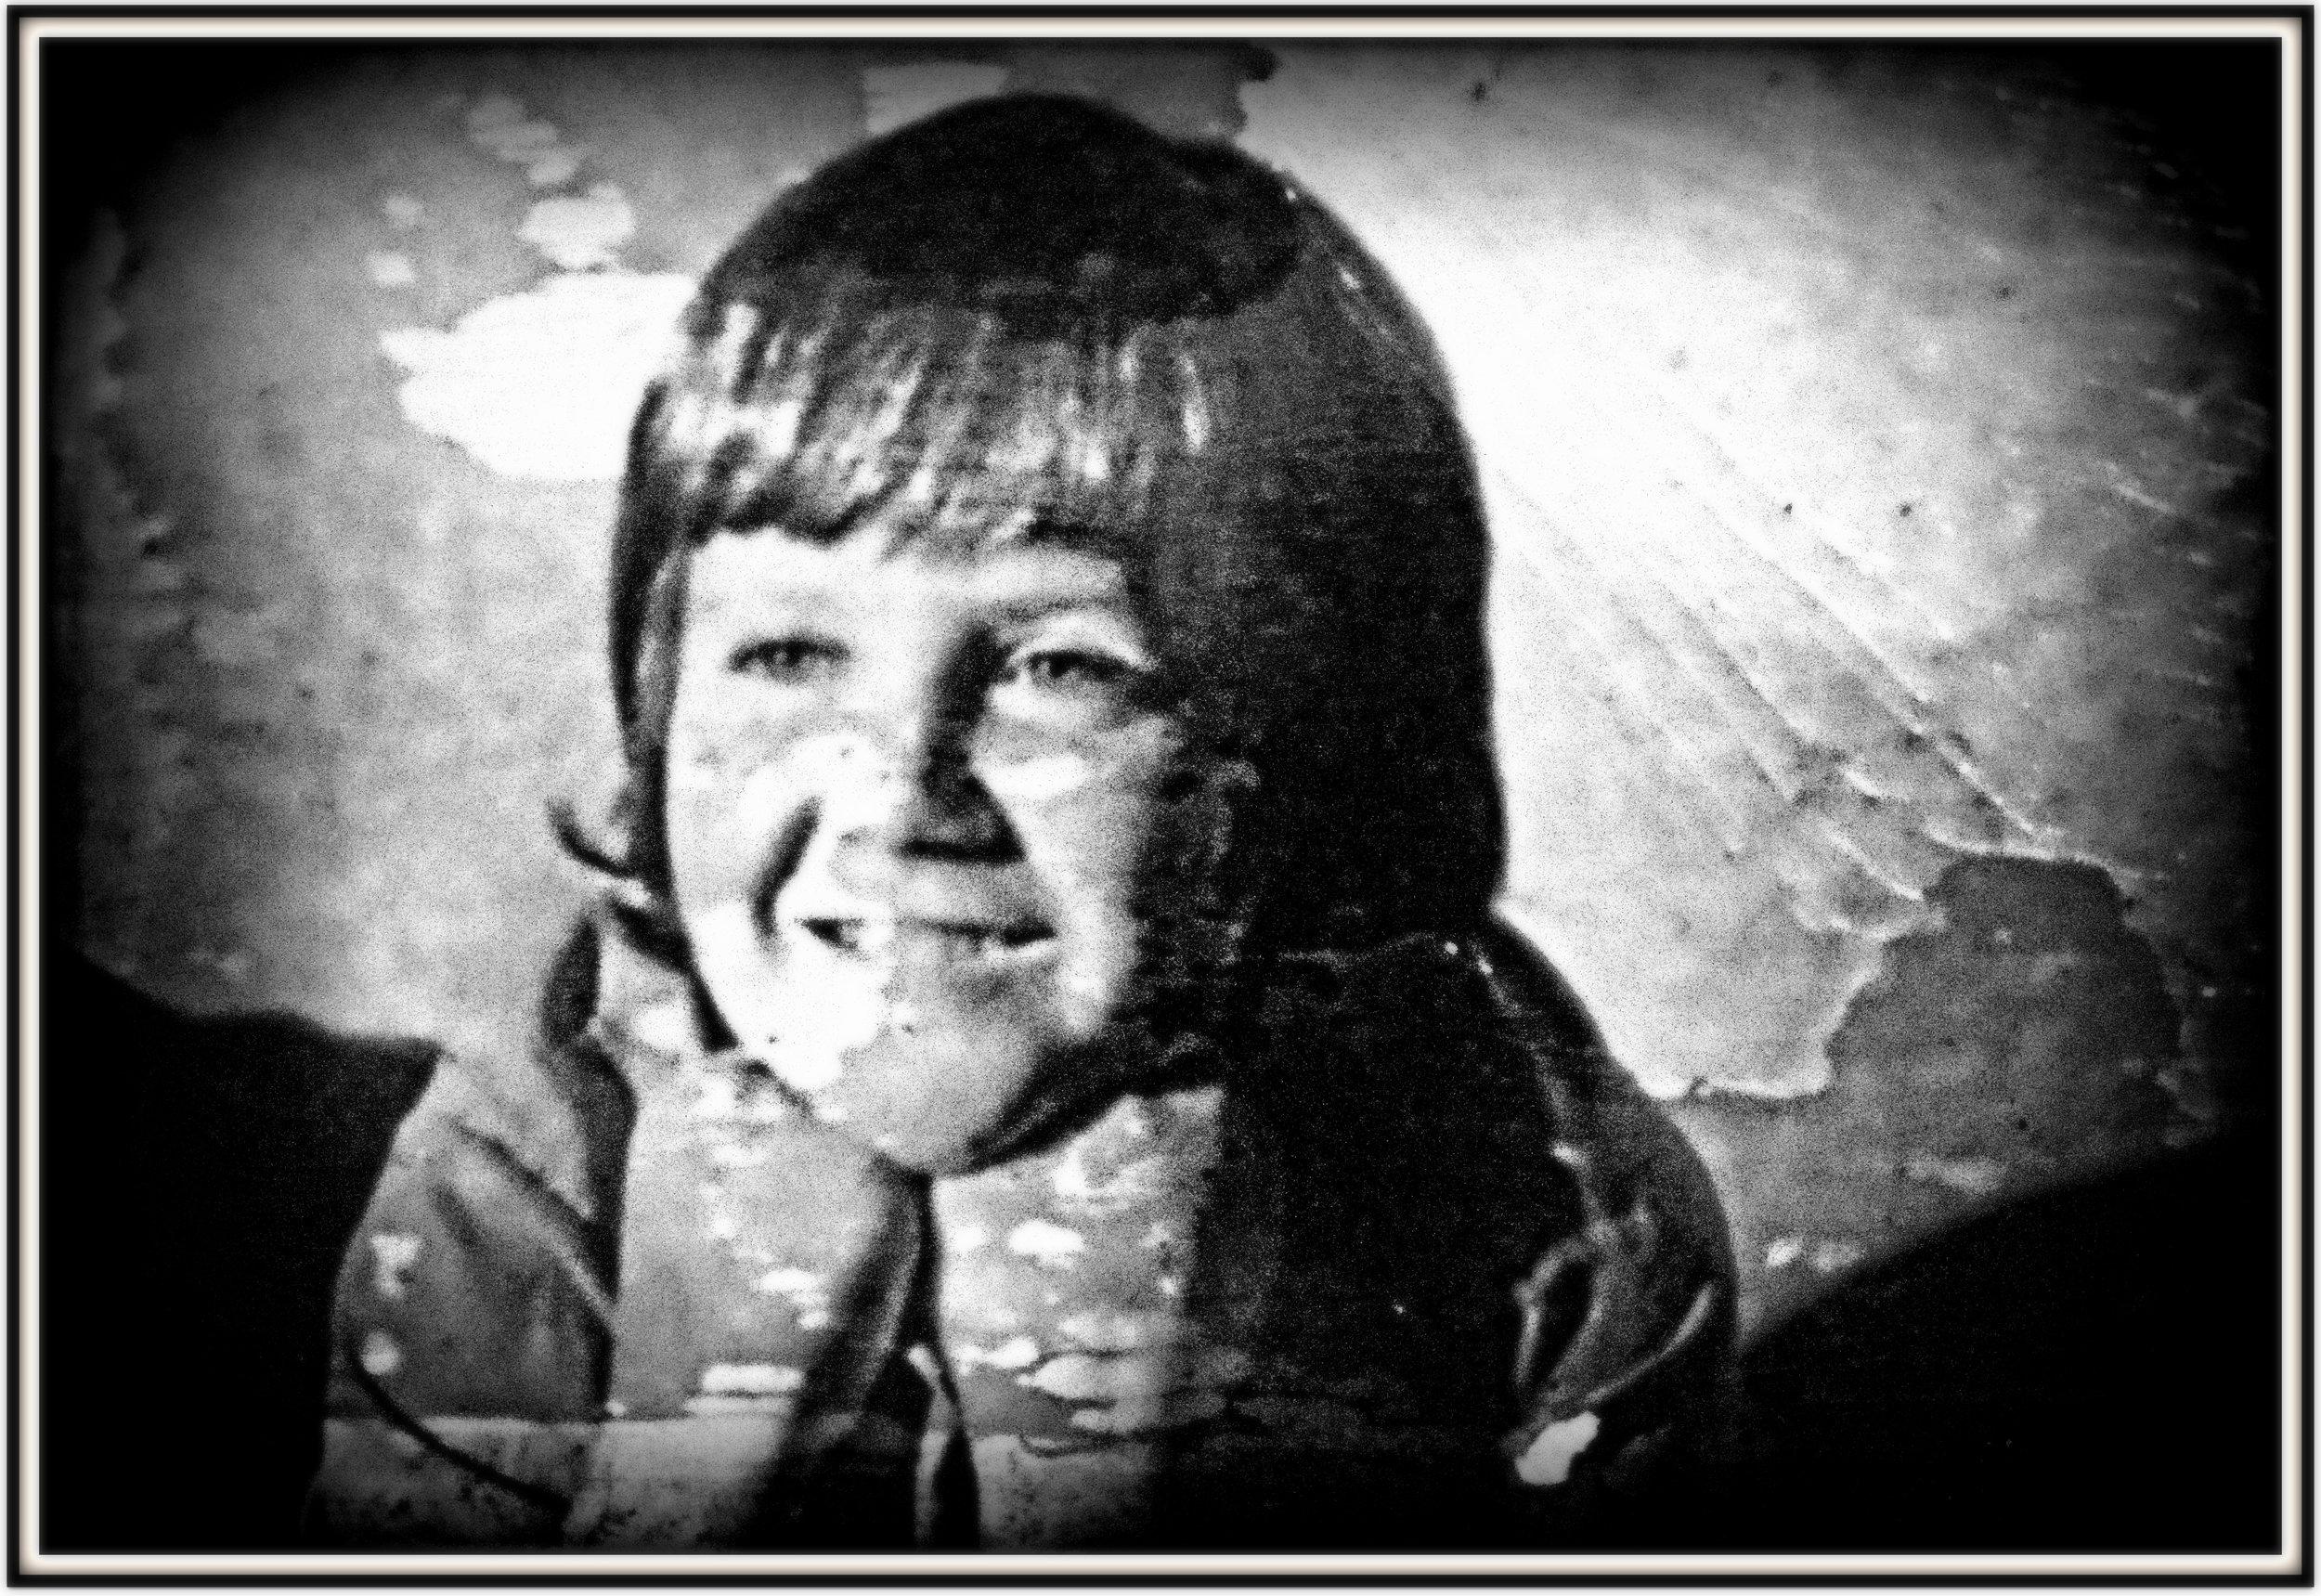 Me, January 1972, location - Kotewall Road Hong Kong ..... a long way from Yorkshire.